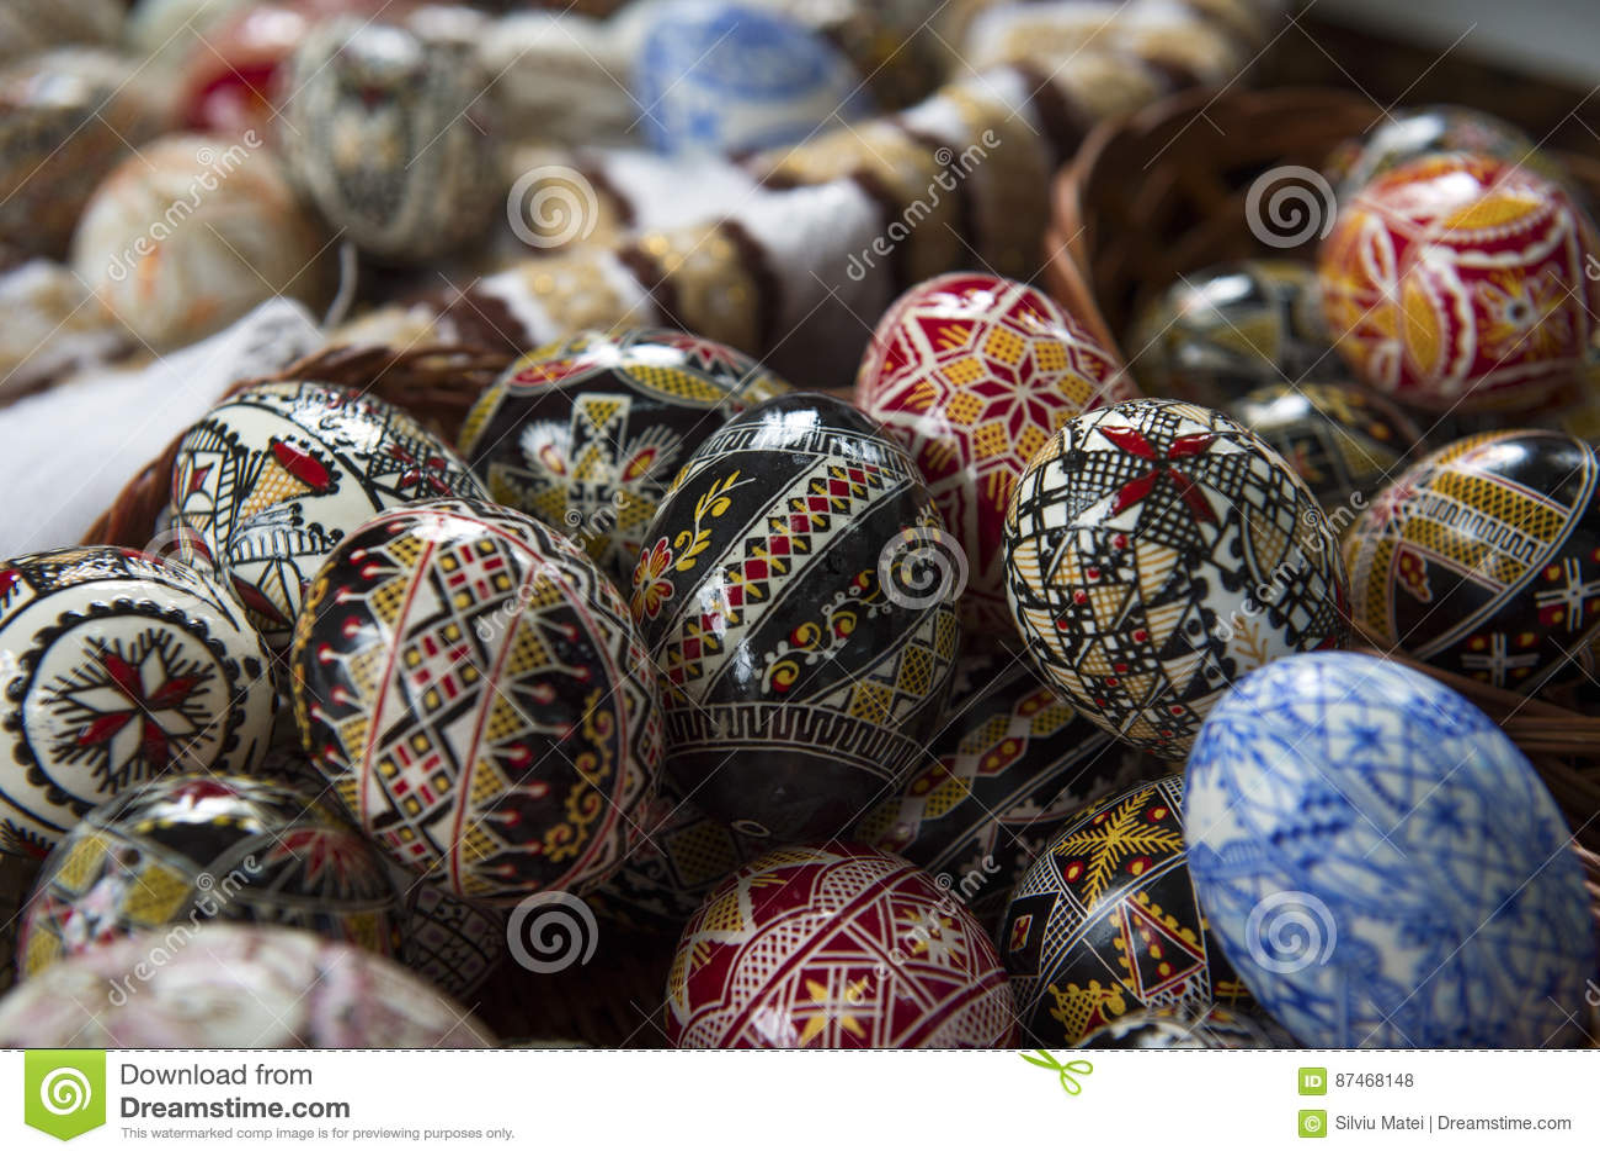 Uovo di pasqua dipinto tradizionale da bucovina romania - Modello di uovo stampabile gratuito ...